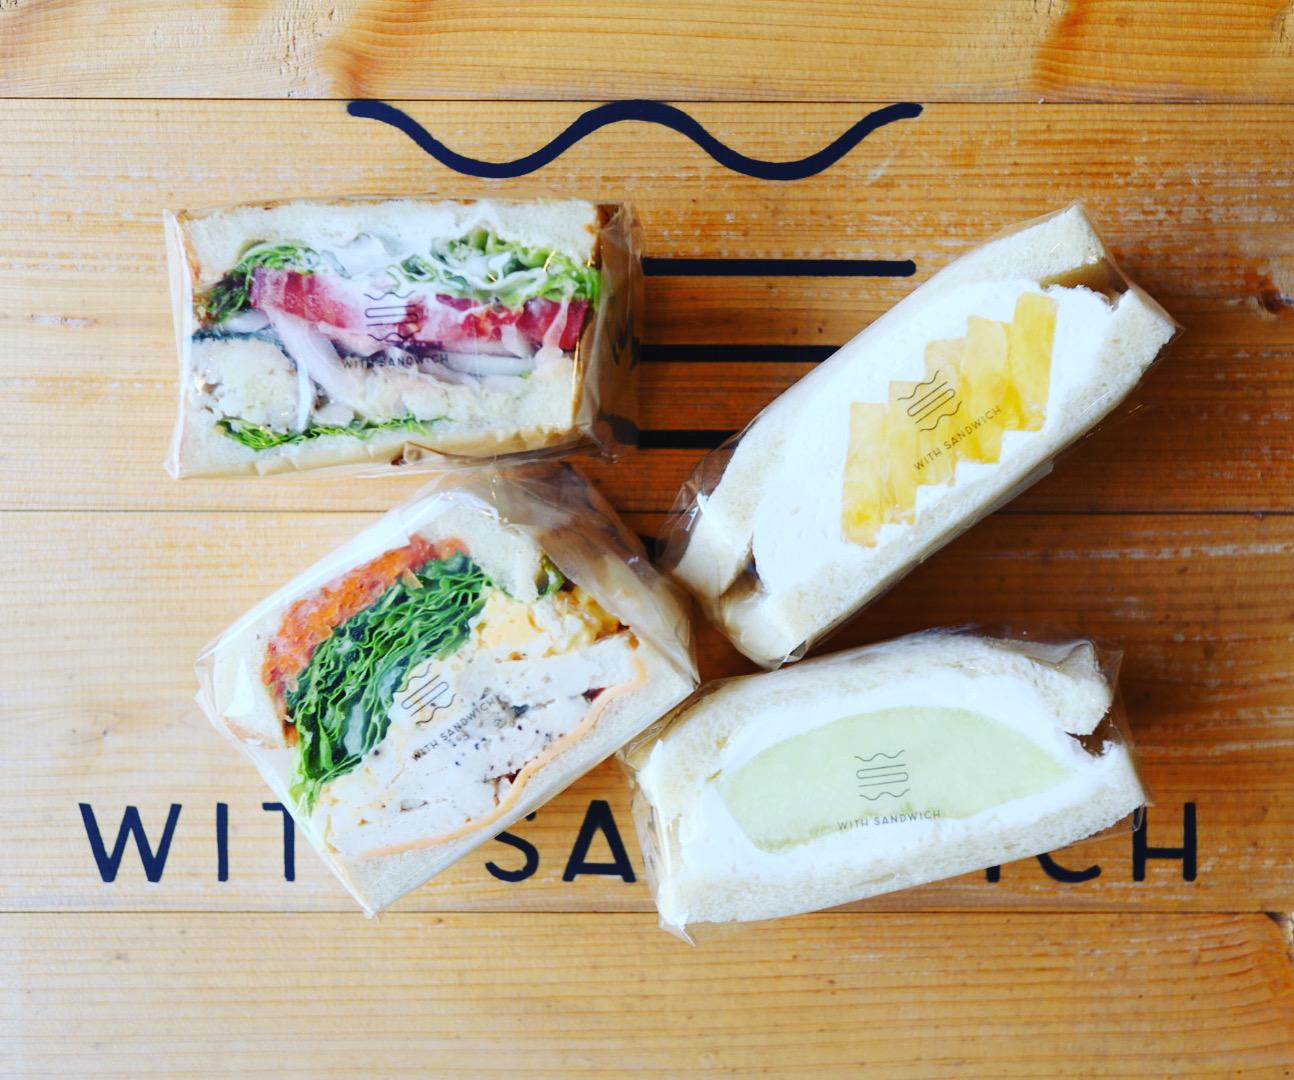 ウィズサンドイッチ イメージ写真